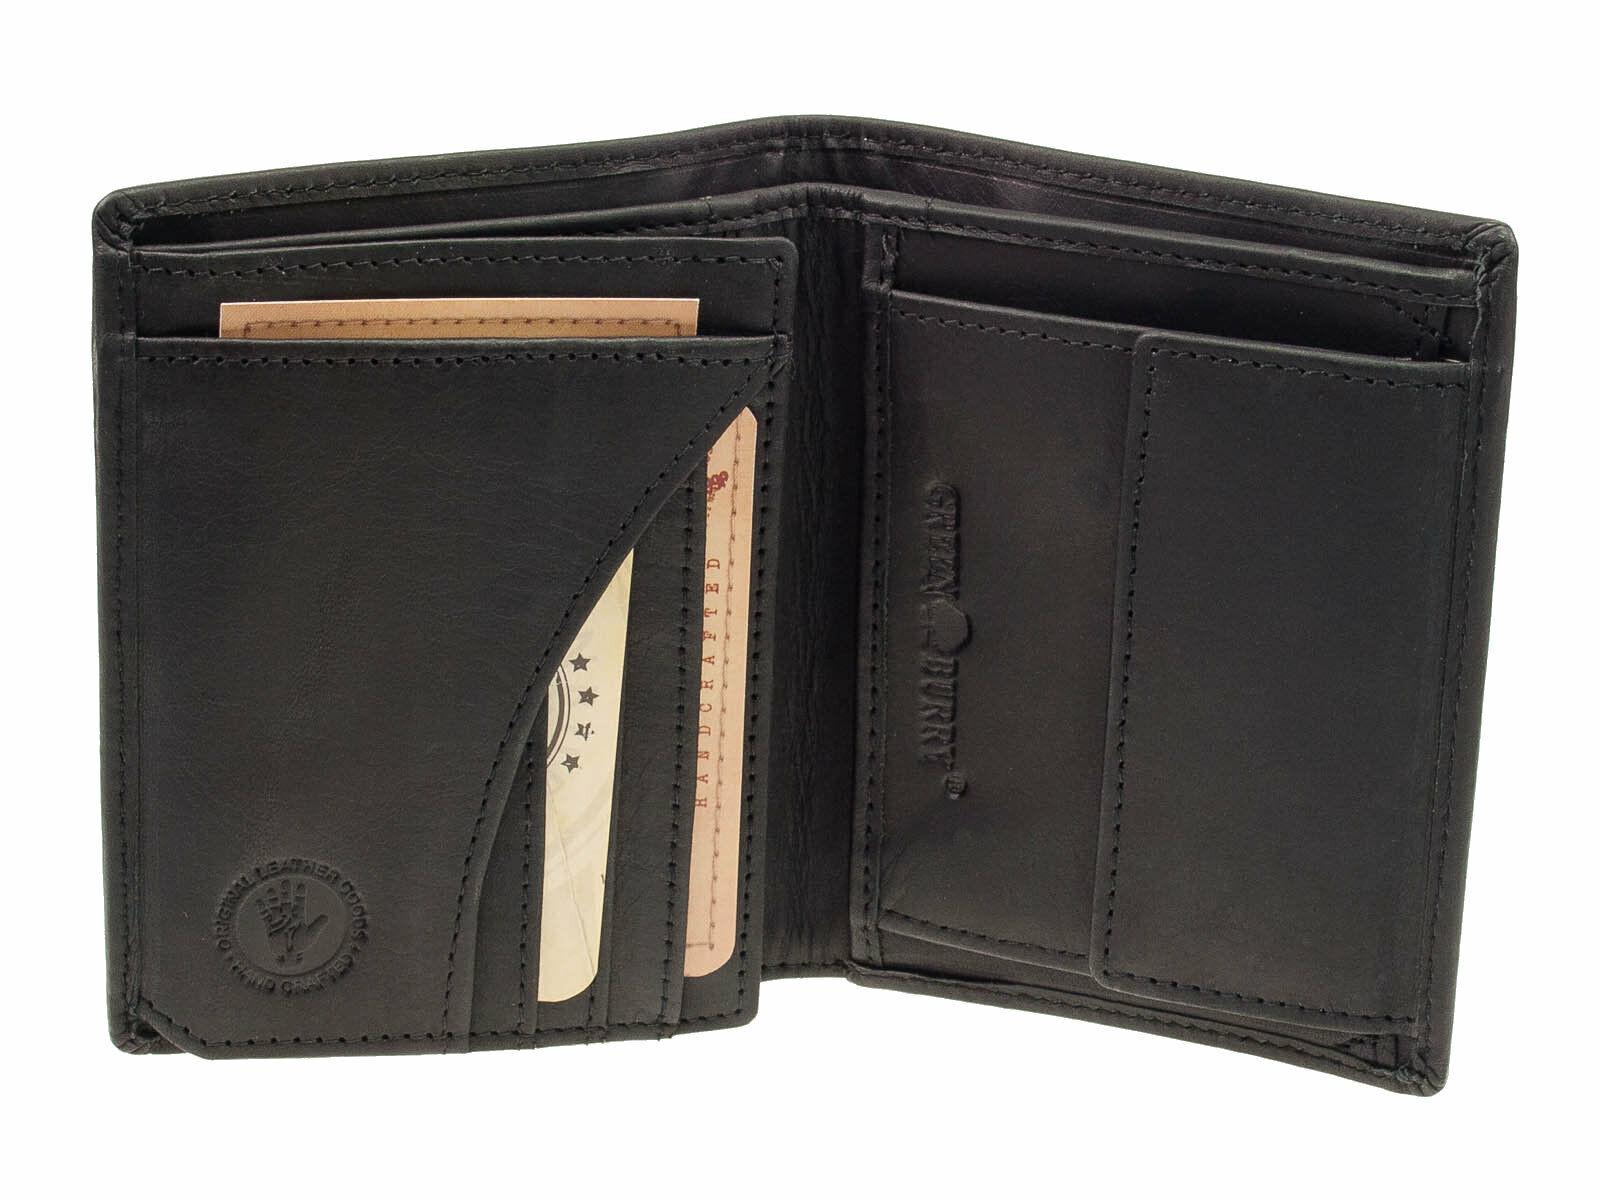 Greenburry Vintage Leder Geldbörse RFID Schutz Schwarz Portemonnaie Geldbeutel